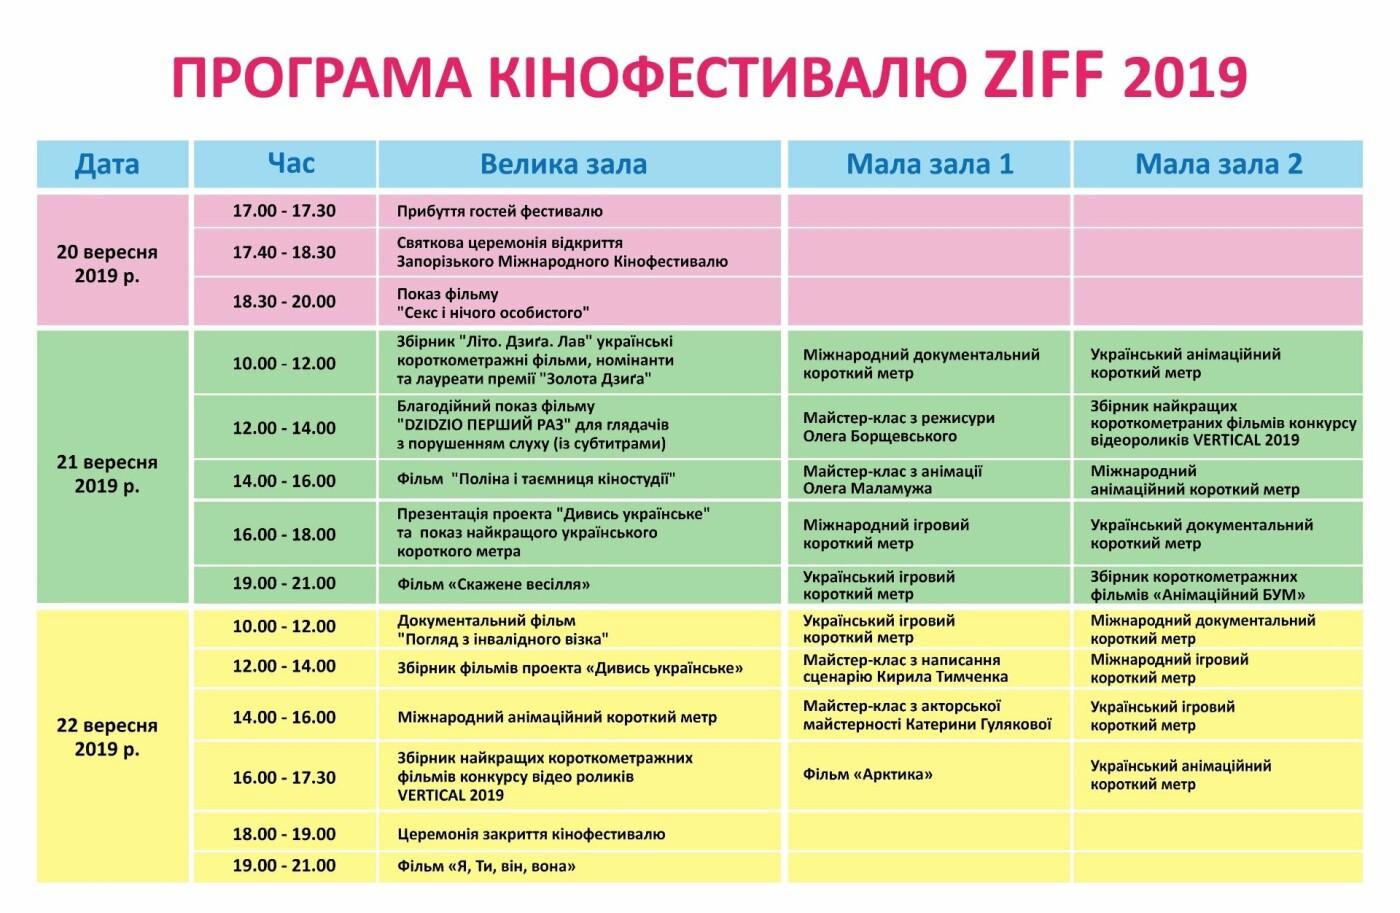 В Запорожье пройдет международный кинофестиваль: когда и какие фильмы смотреть, фото-1